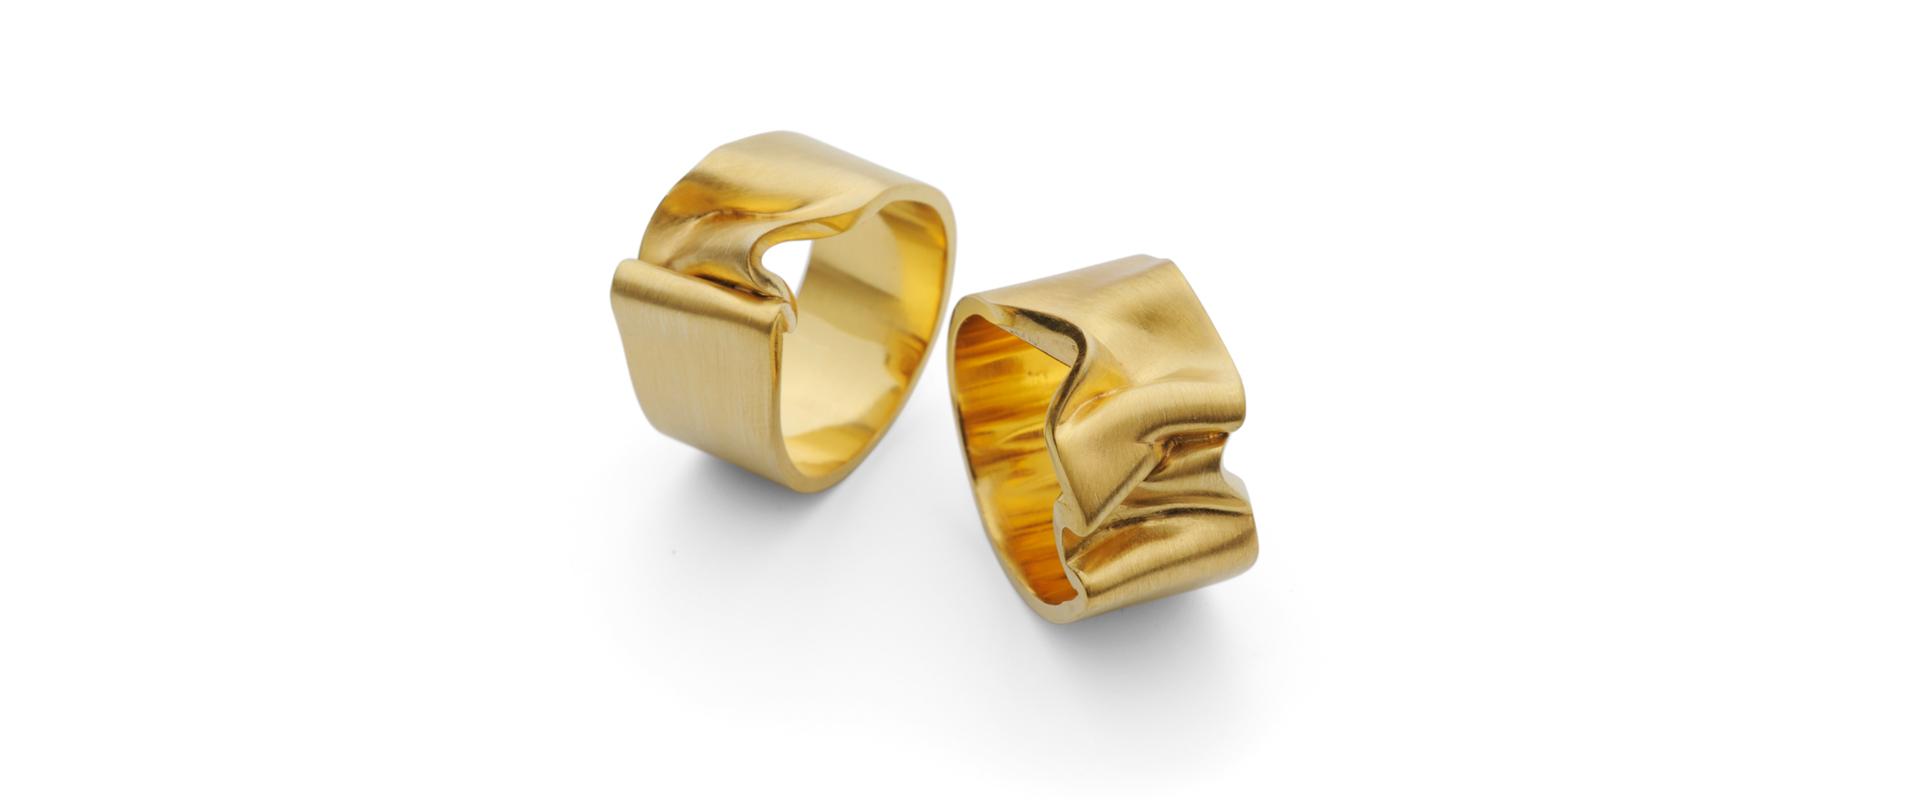 Brushed gold ribbon ring alternative wedding band